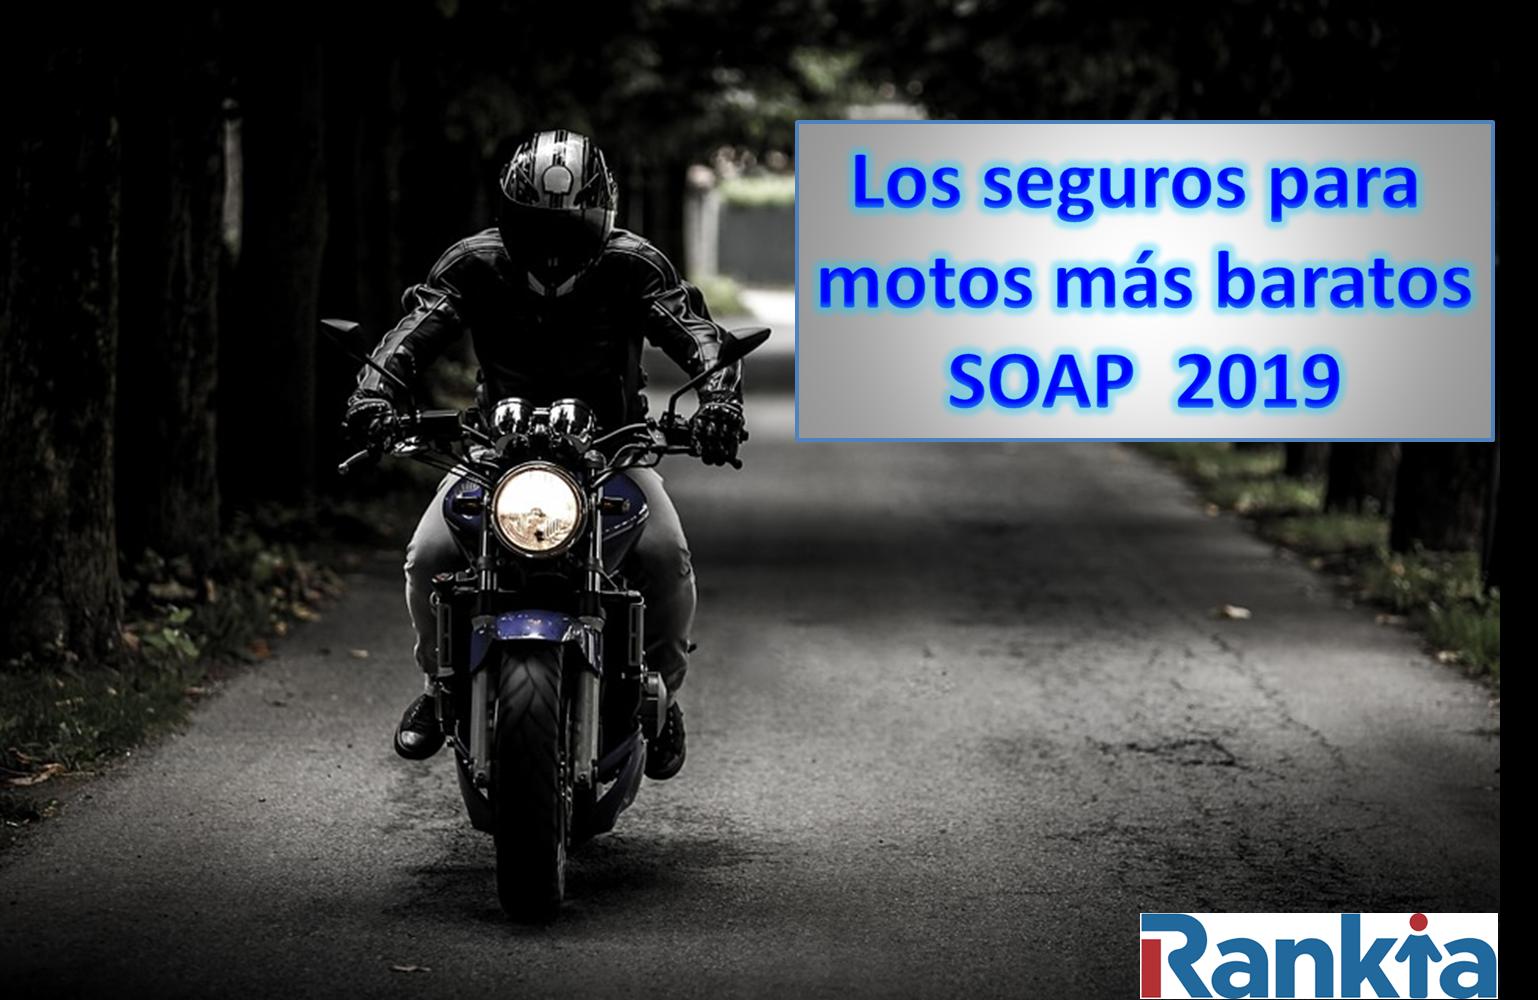 Los seguros para motos más baratos - SOAP 2019